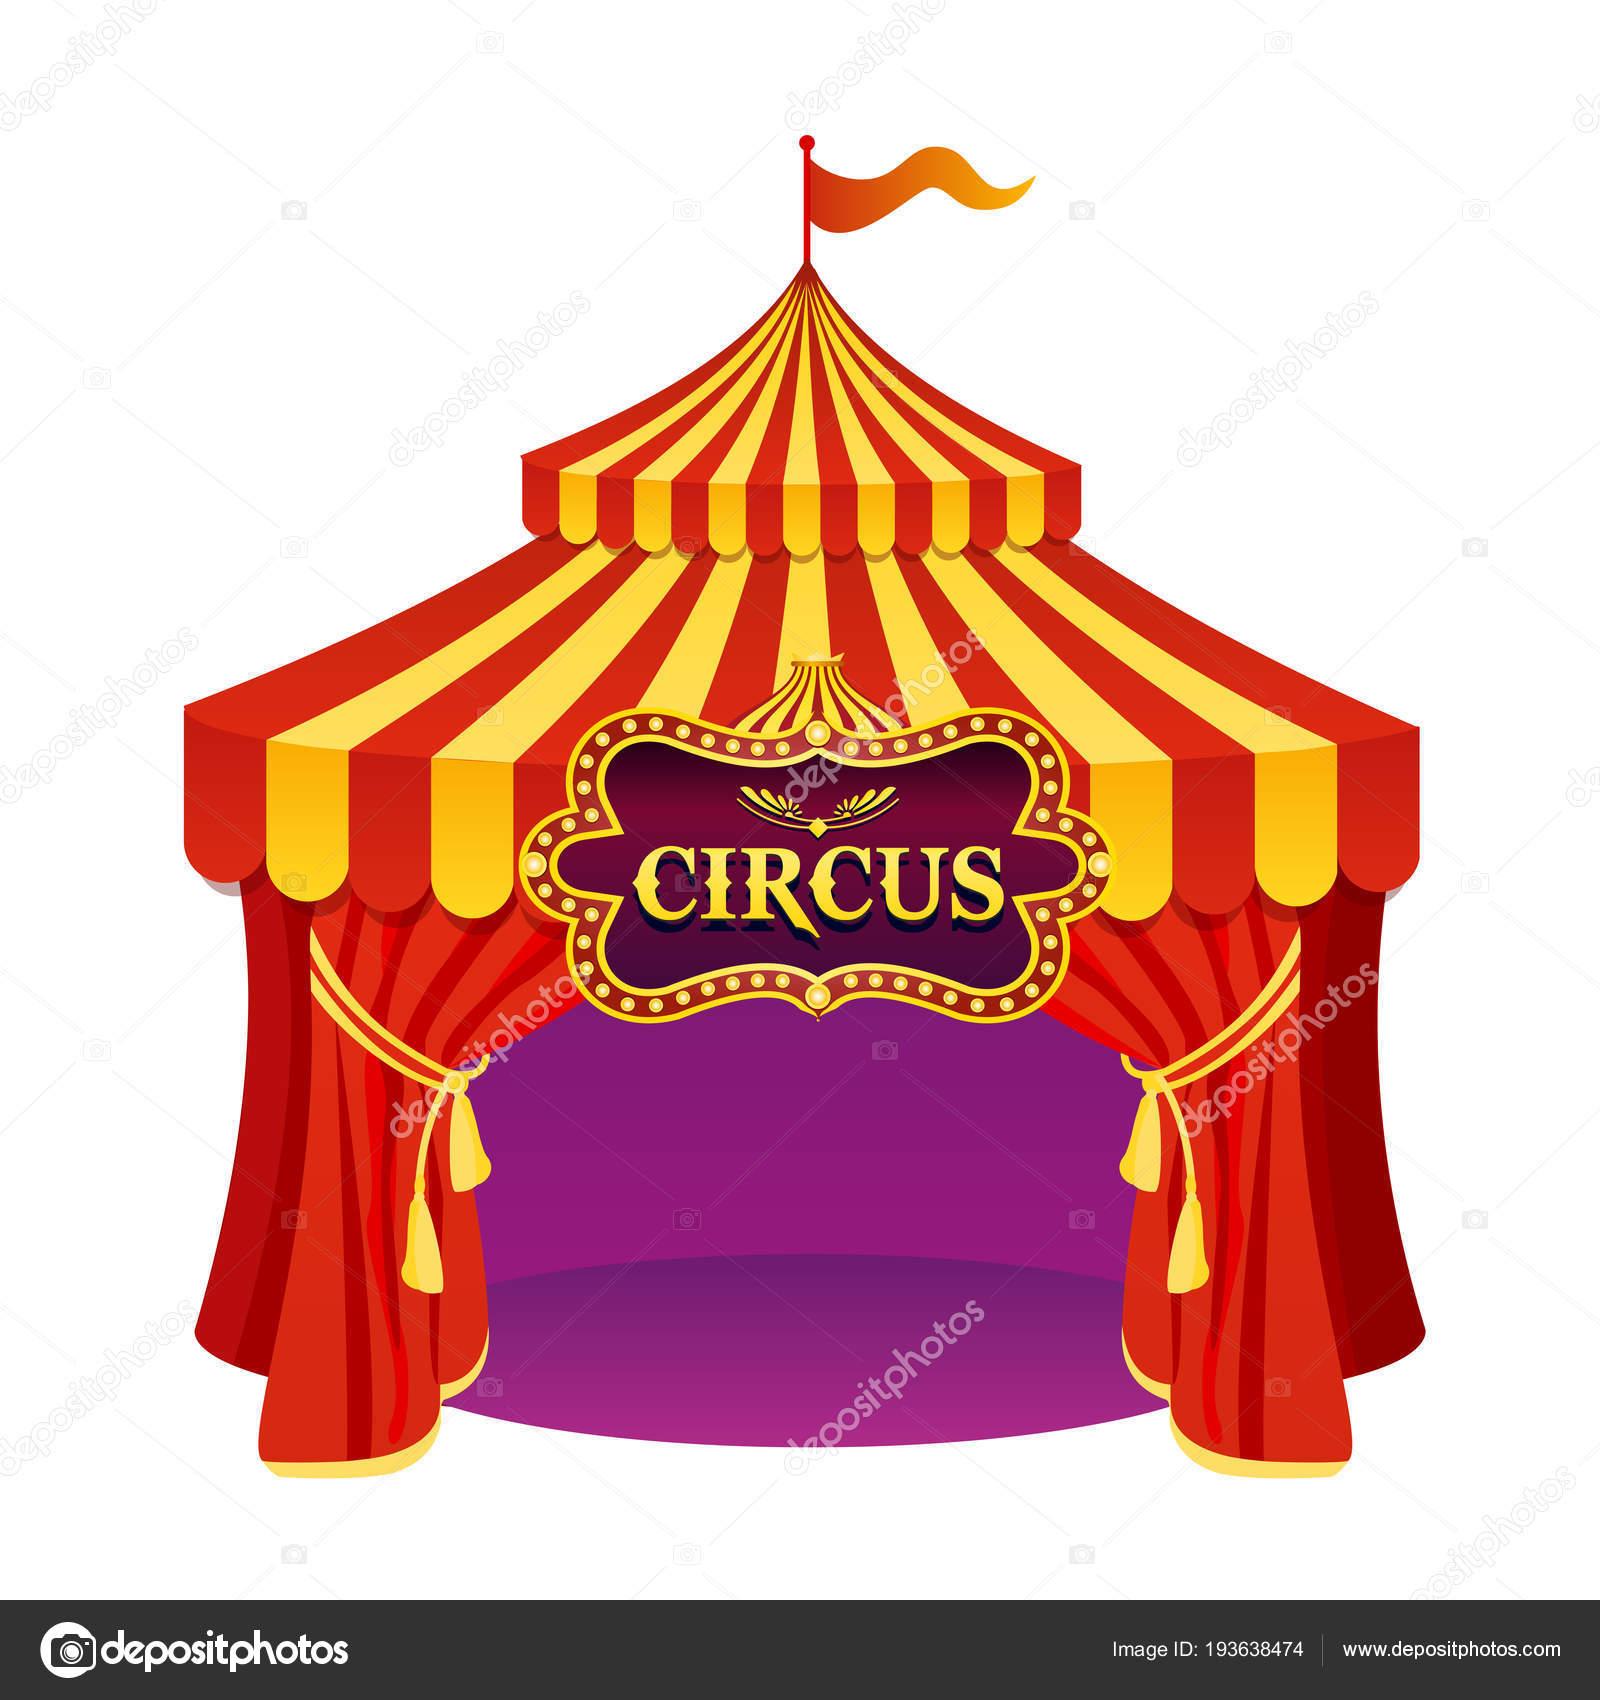 векторная иллюстрация яркие цвета цирка с красивой эмблемой